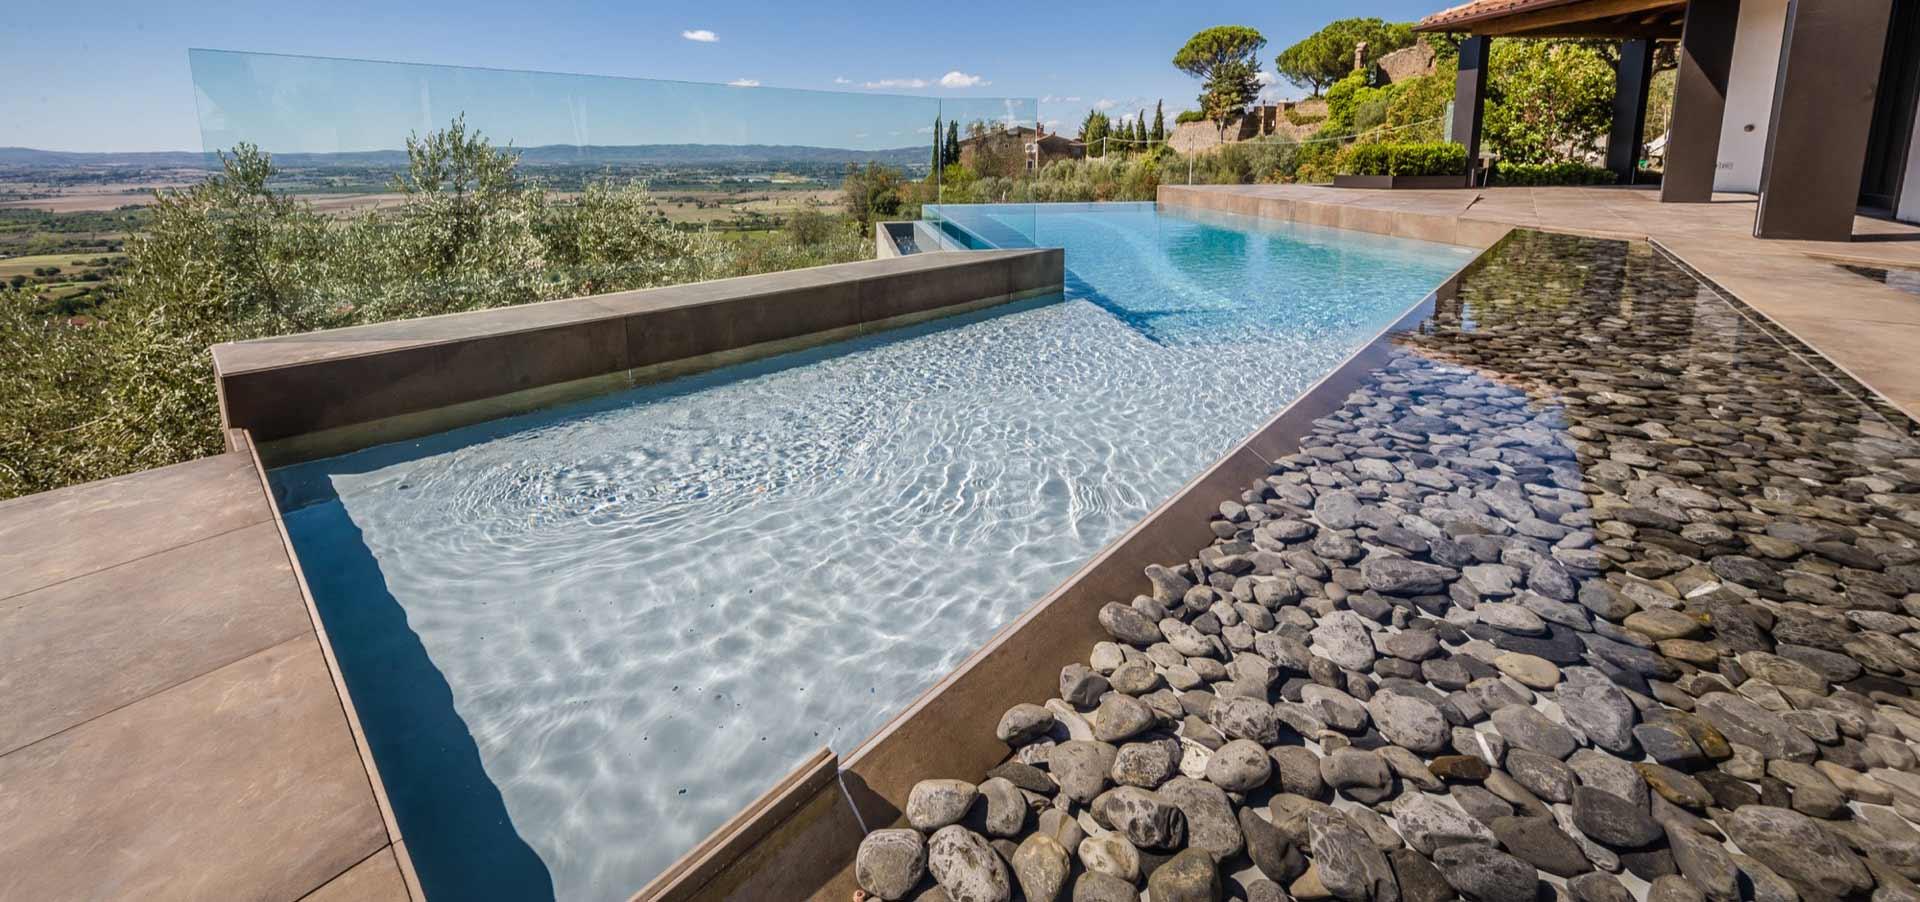 Il Germoglio Piscine costruzione e vendita piscine